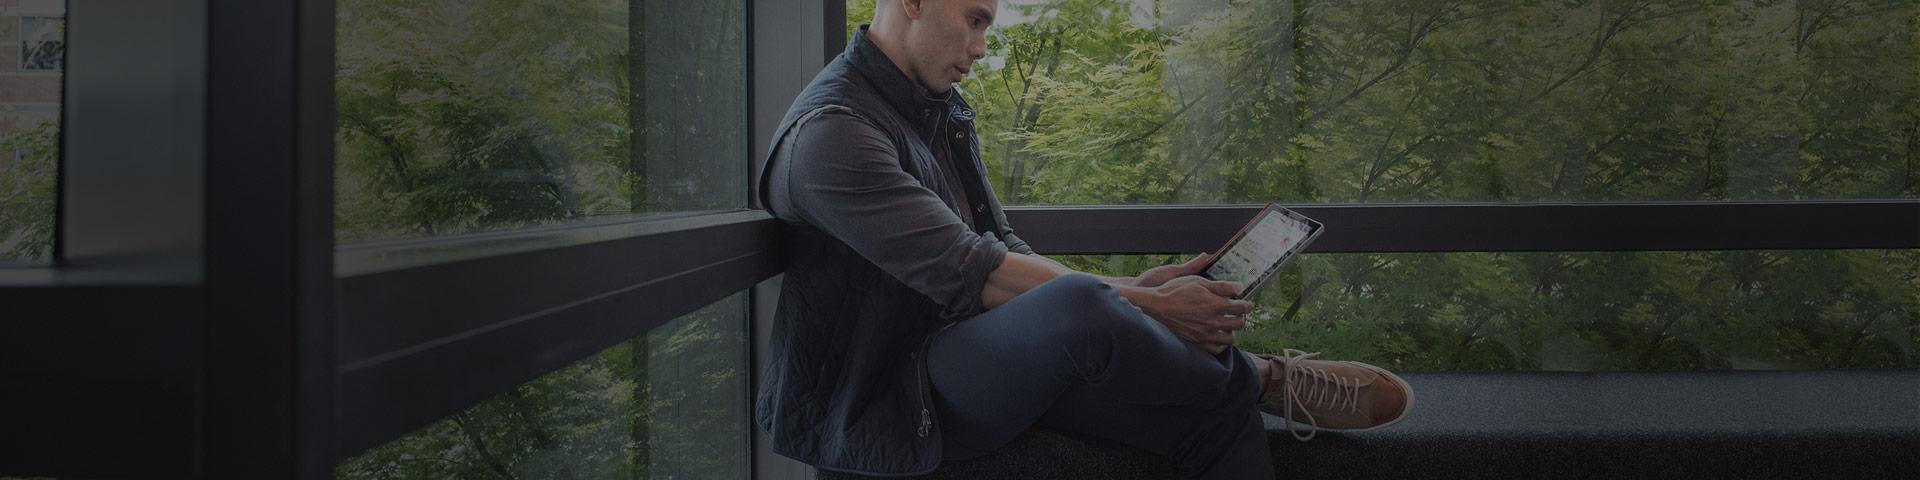 Un homme assis sur un banc, regarde un appareil dans ses mains